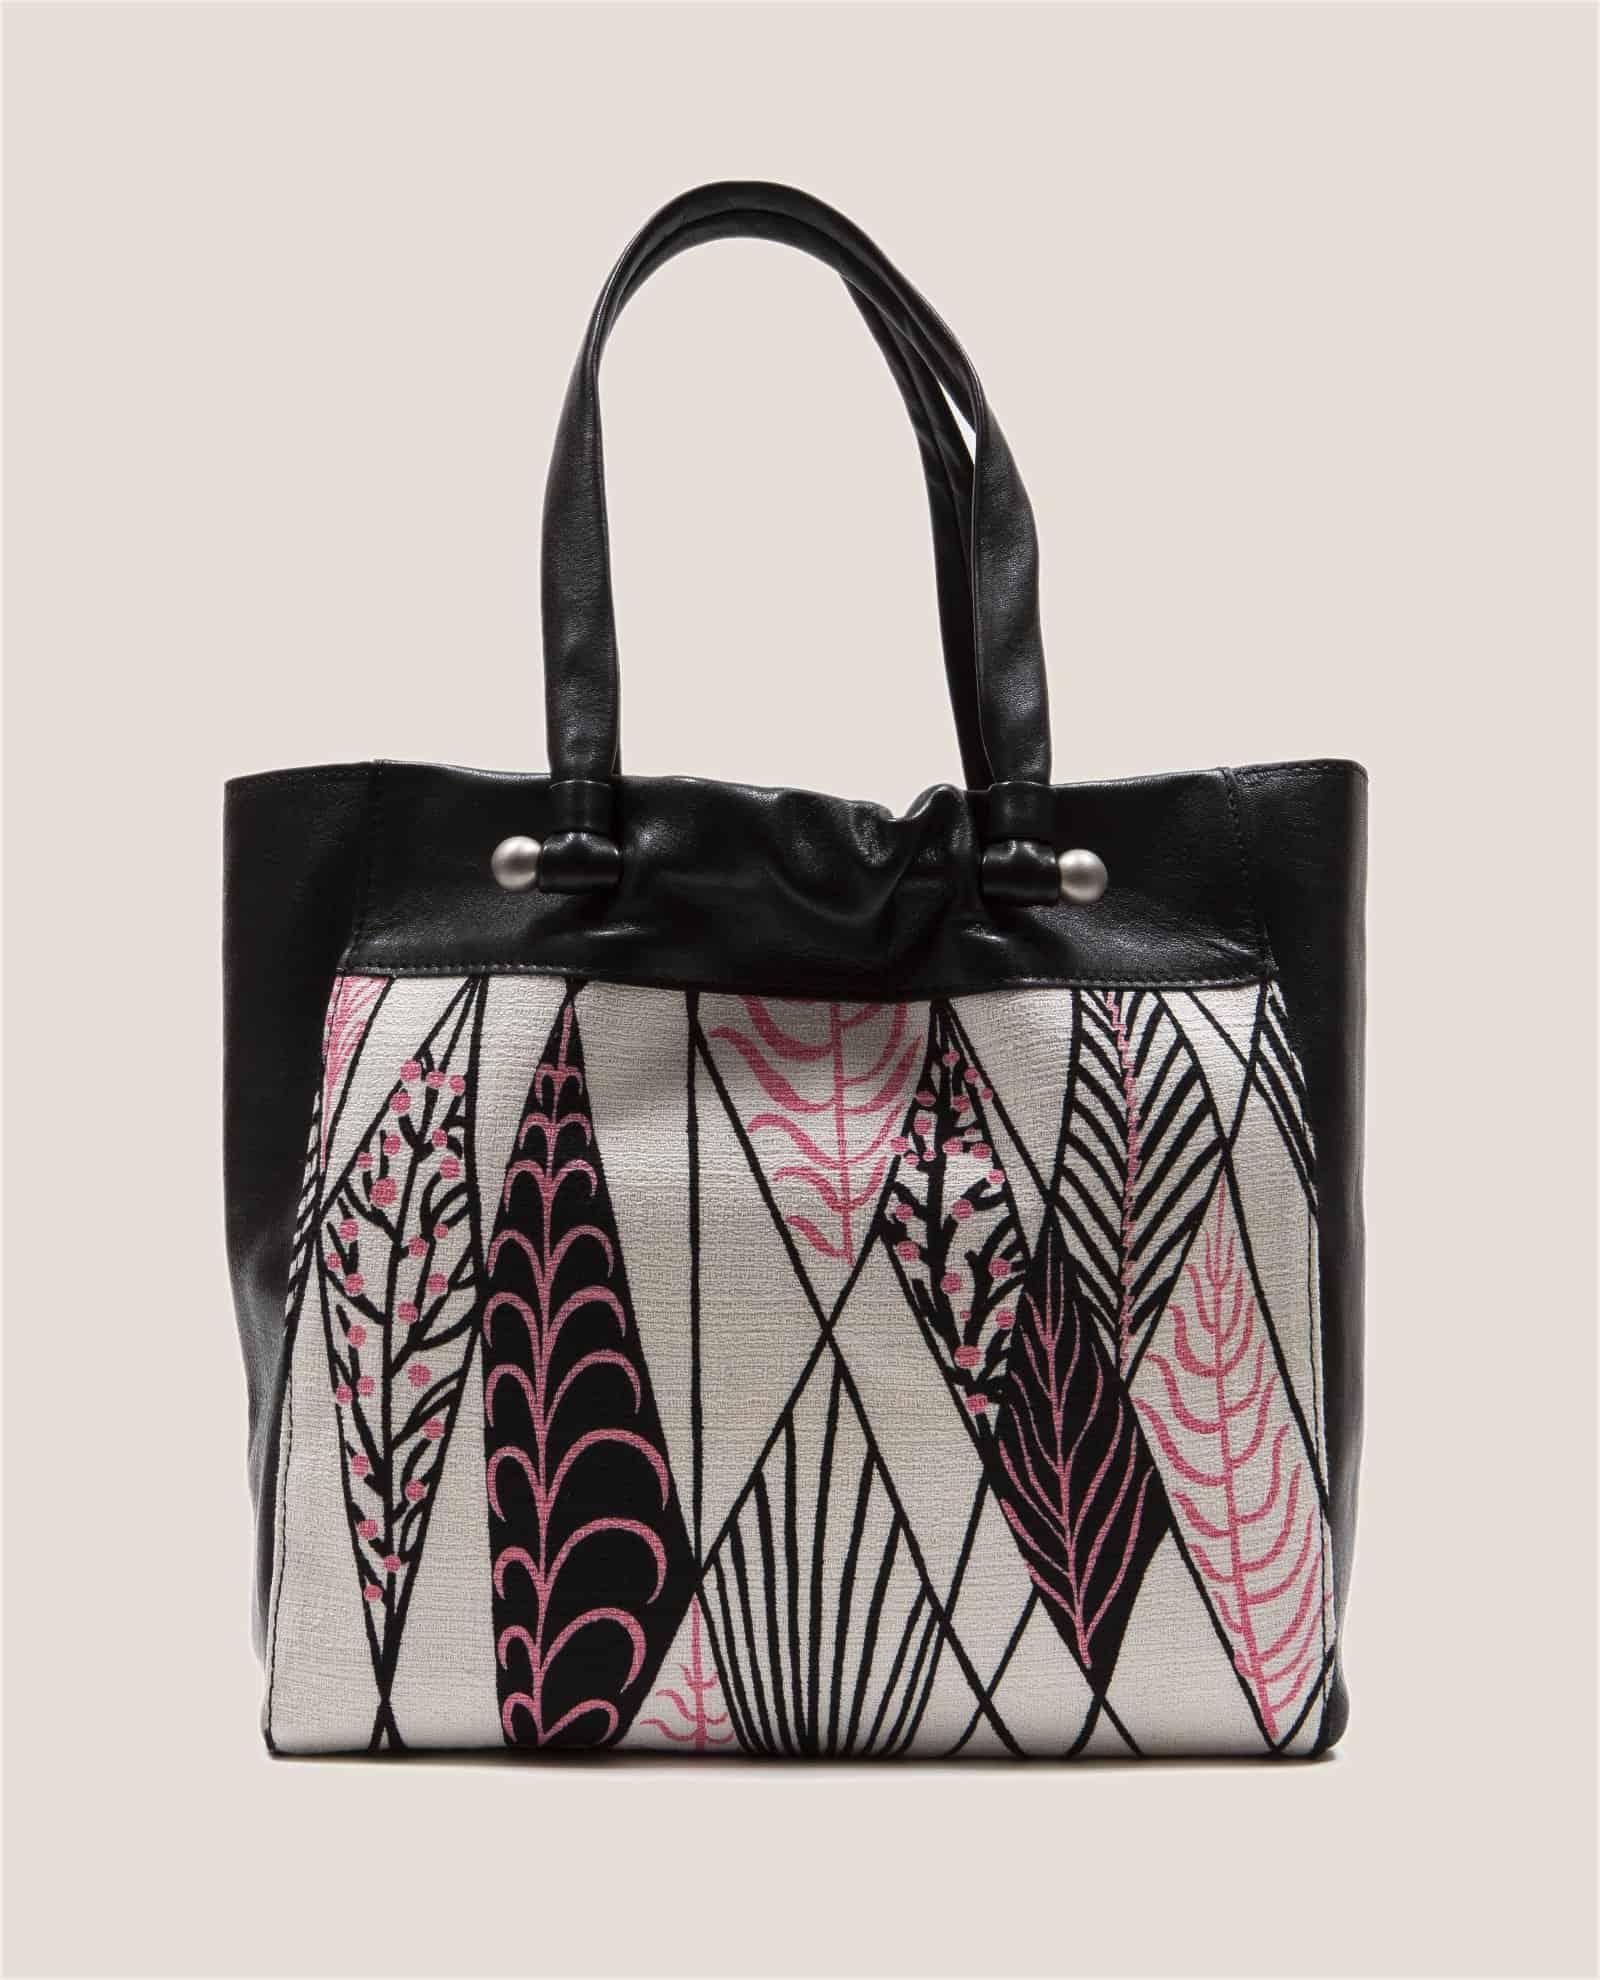 Tote bag, Nina Ula (ref #NTN-07-03) Petty Things